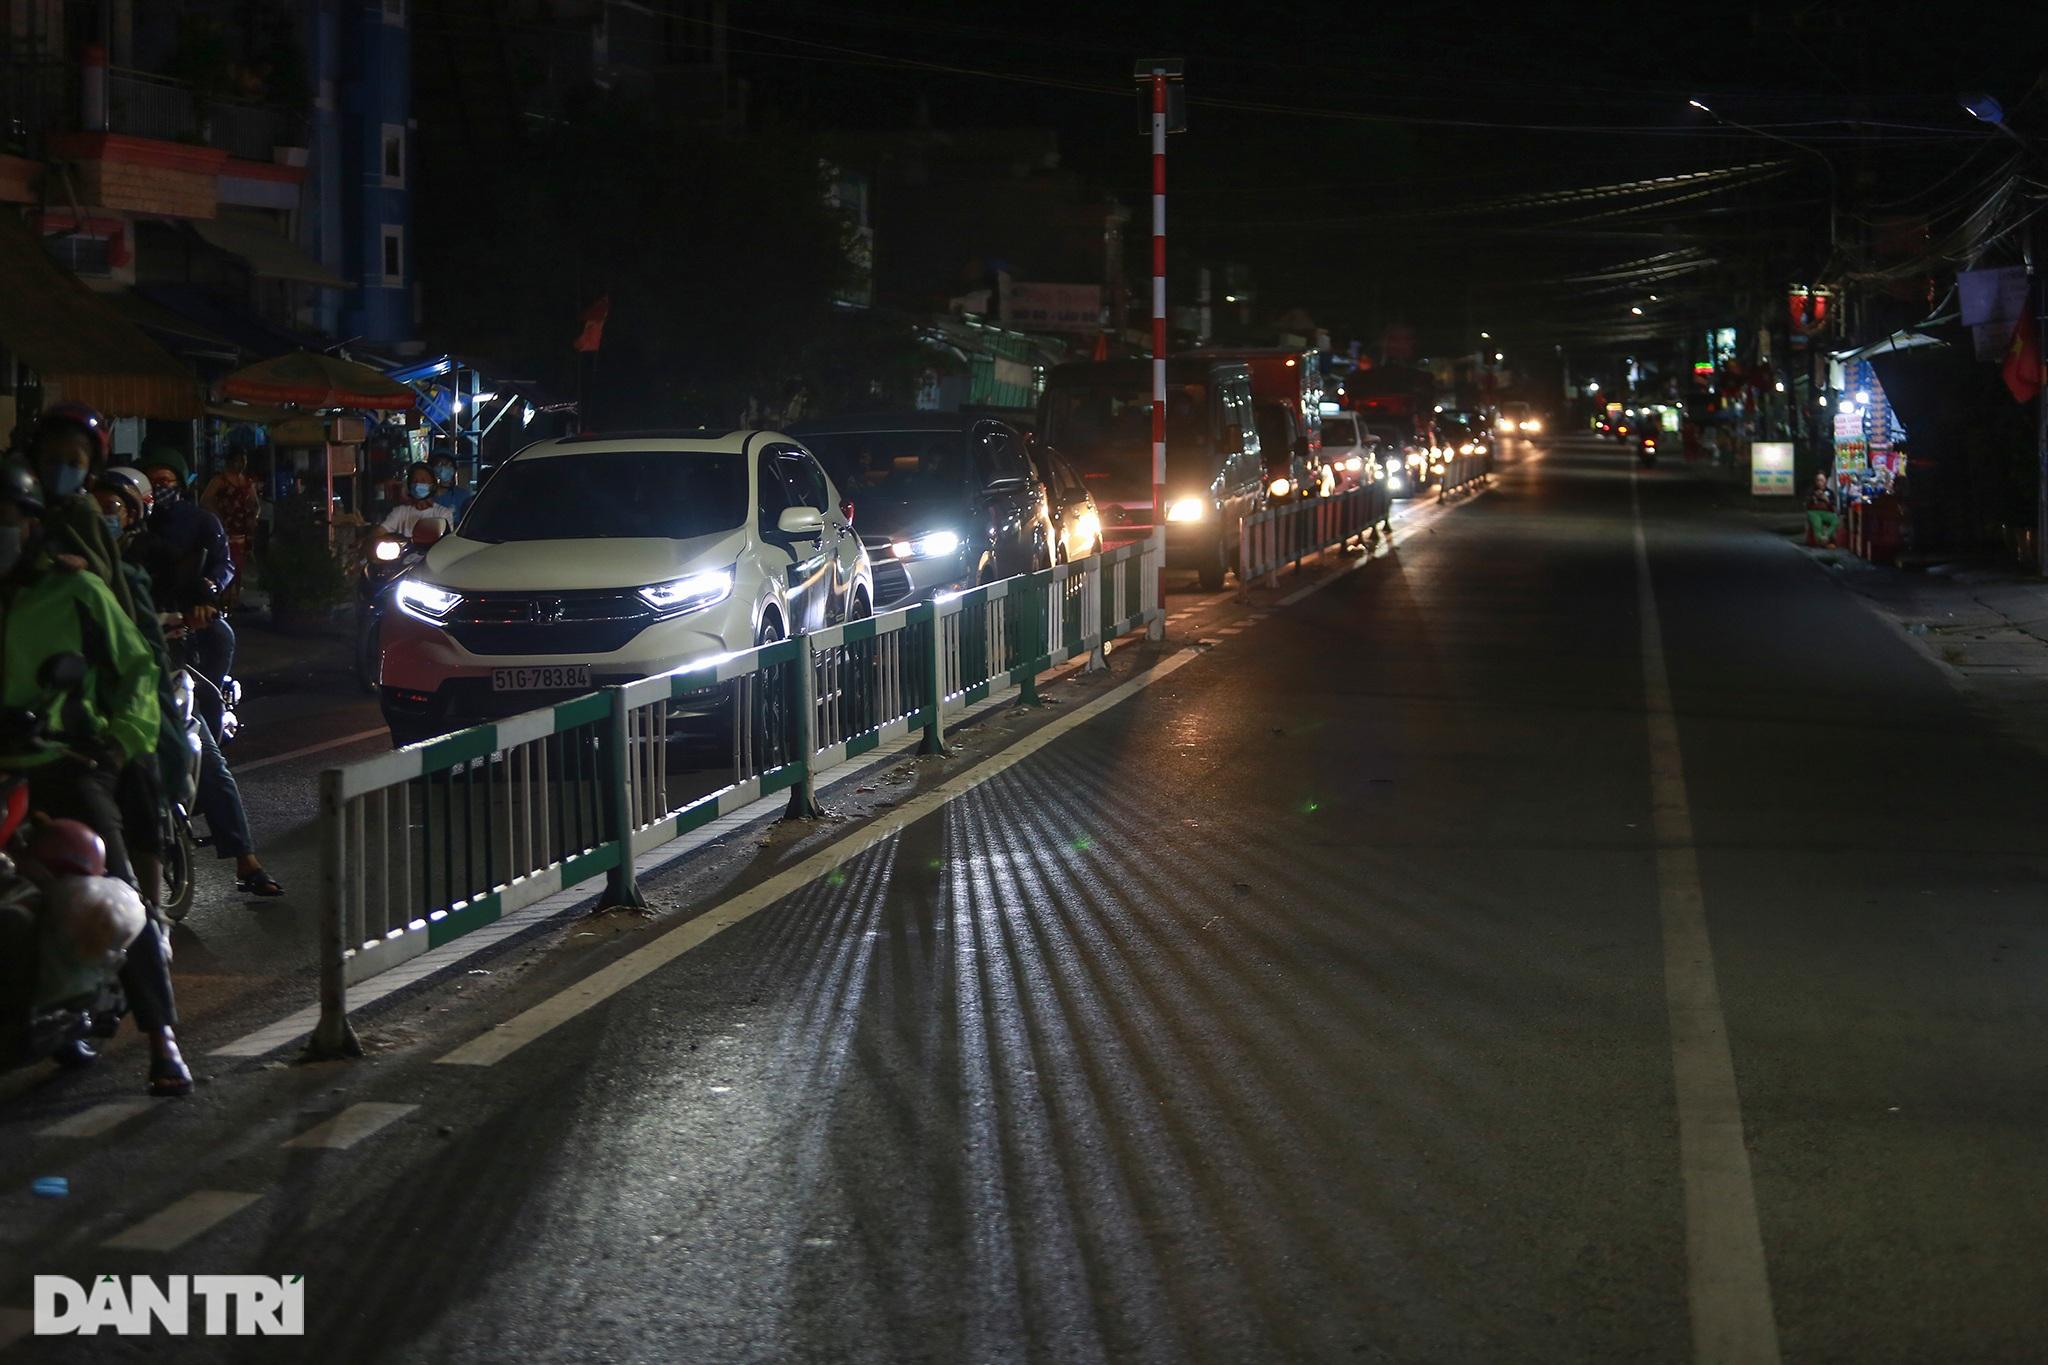 Người dân trở lại Sài Gòn sớm, giao thông cửa ngõ ùn tắc, hỗn loạn - 8